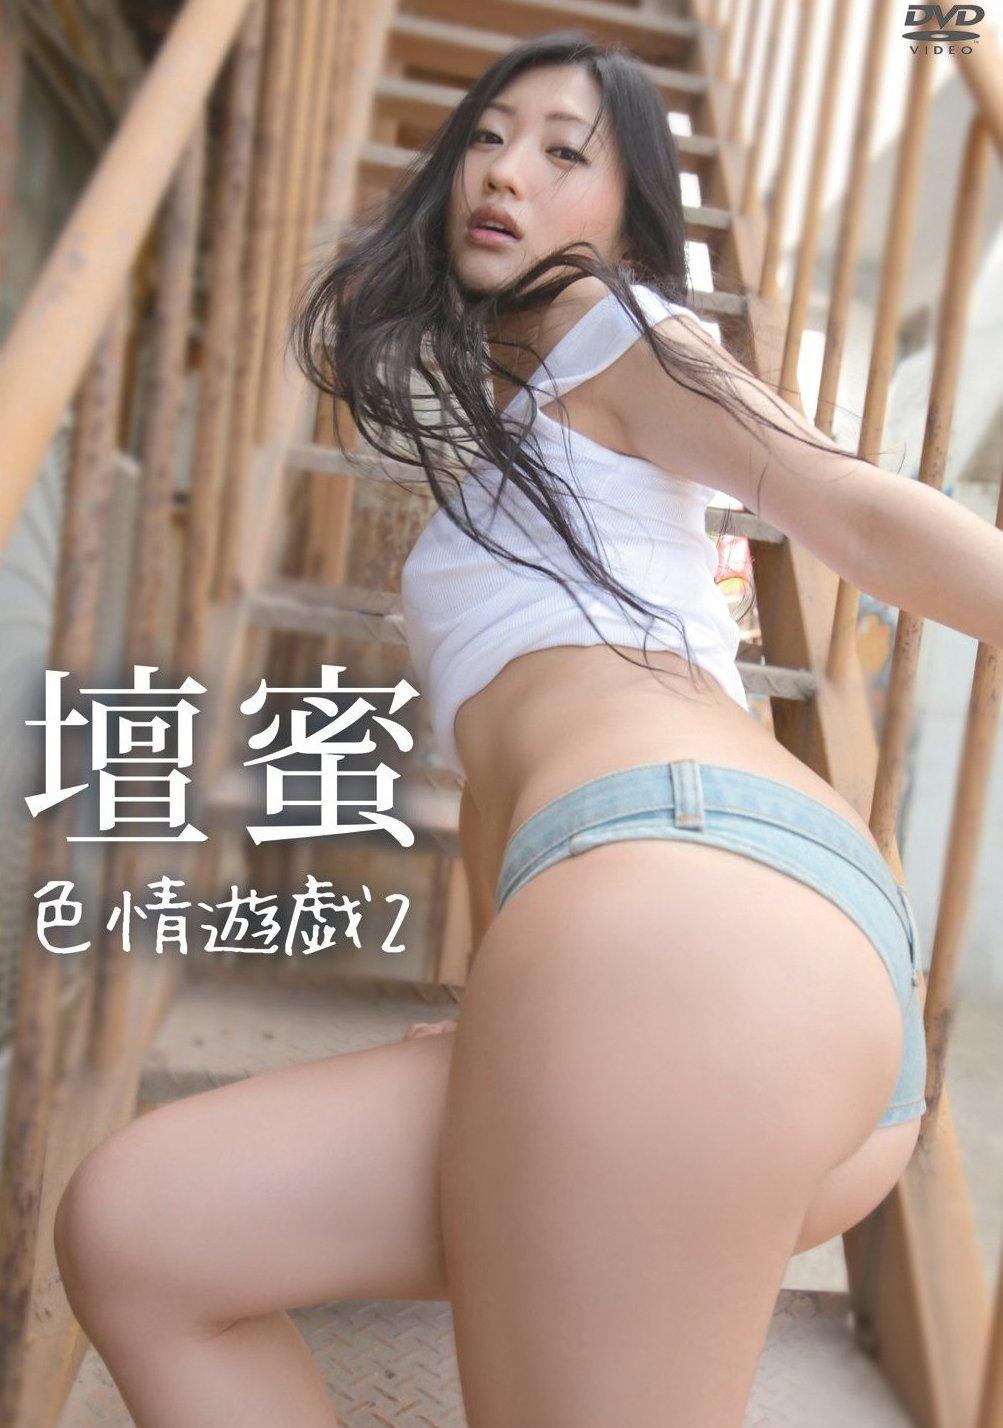 단 미츠(壇蜜) - 일본을 뜨겁게 달구는 섹시 아이콘